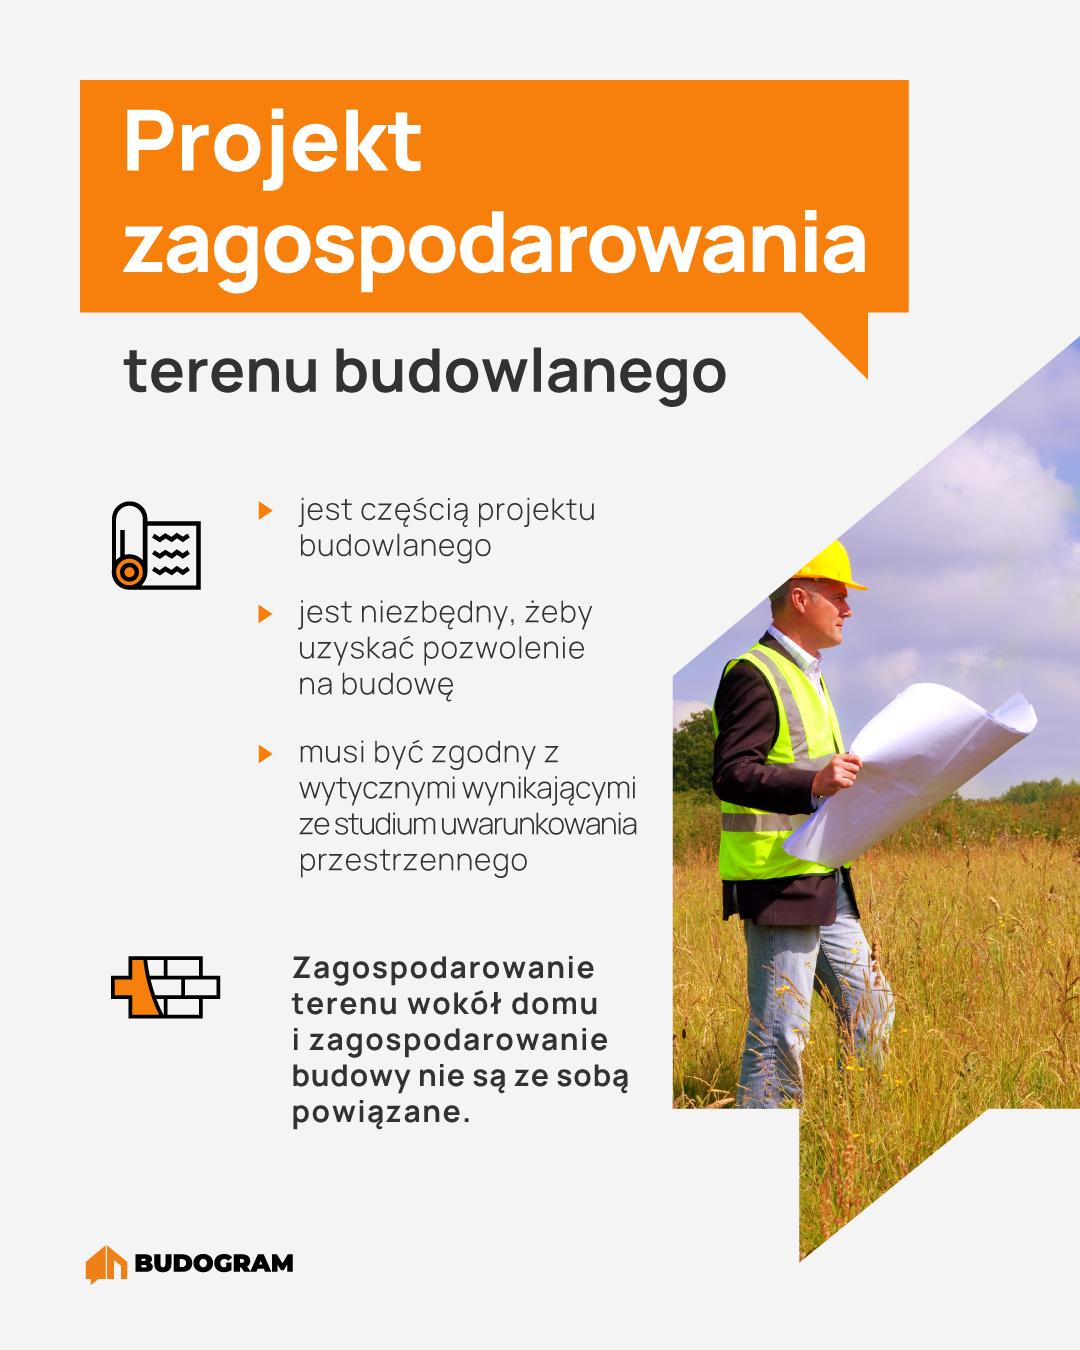 projekt zagospodarowania terenu budowlanego